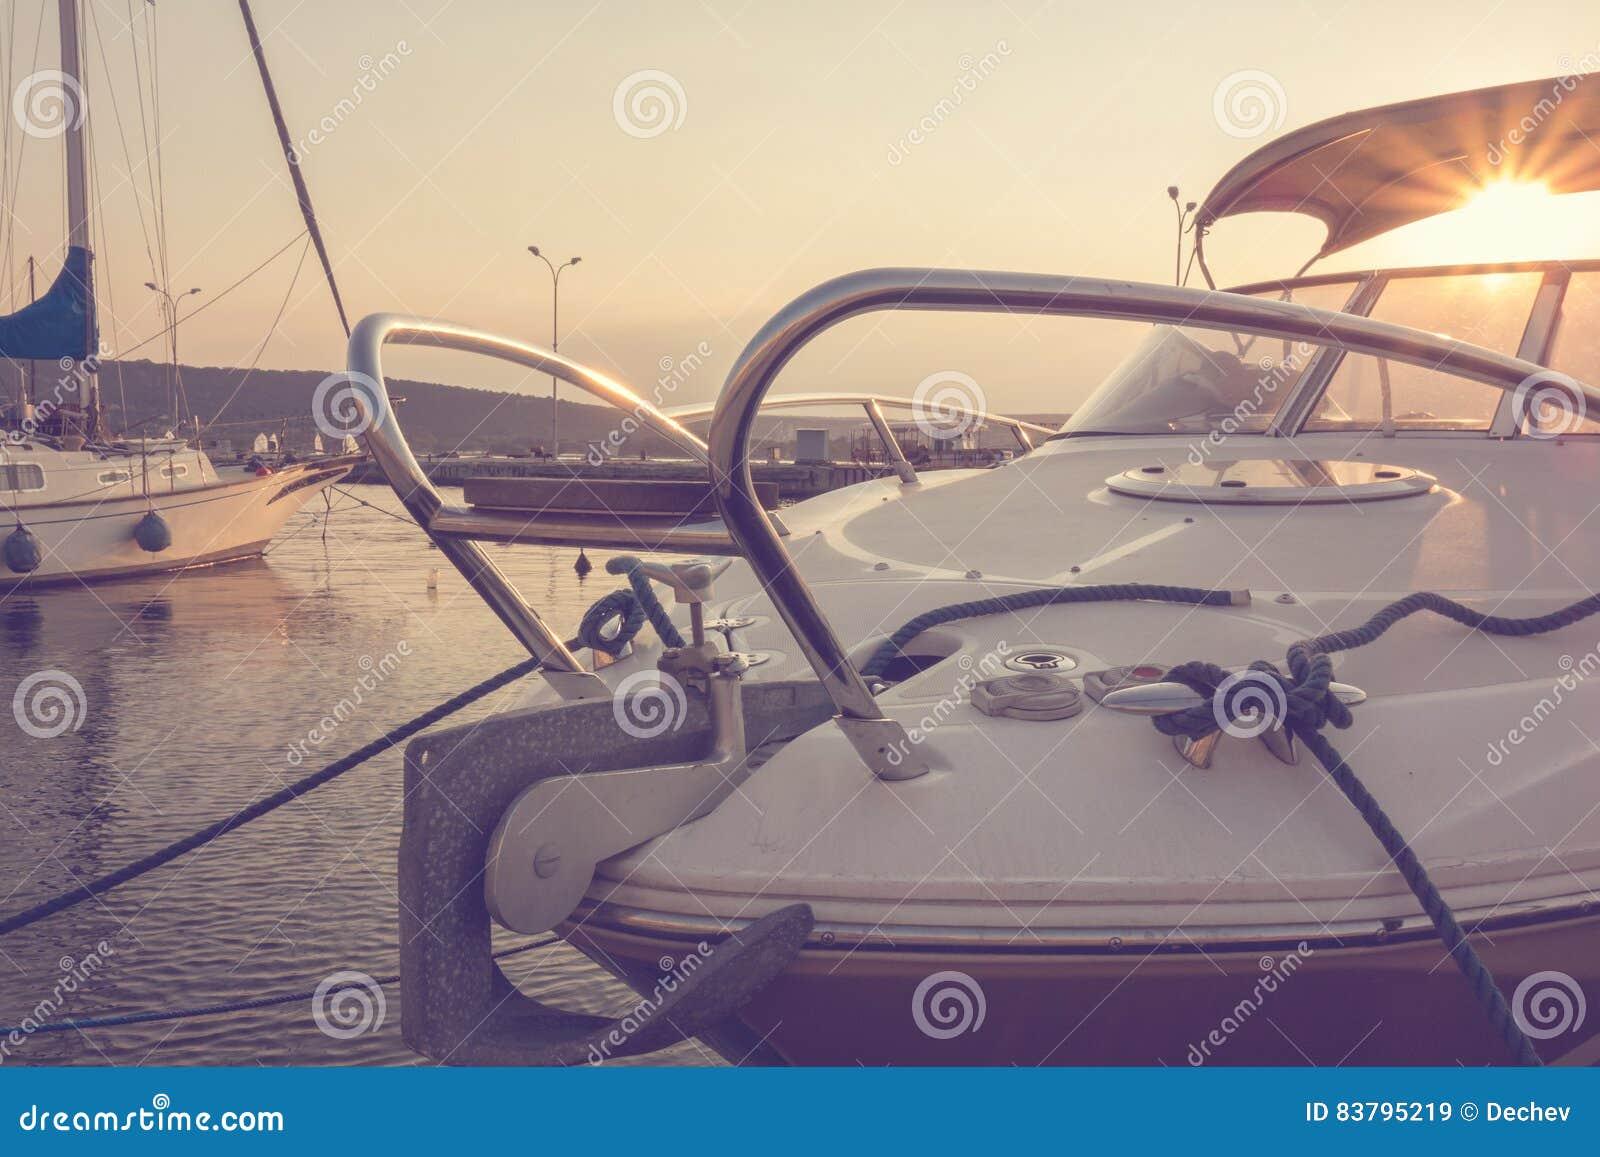 Marina avec les yachts accouplés au coucher du soleil plaisance navigation concept de course Vacances